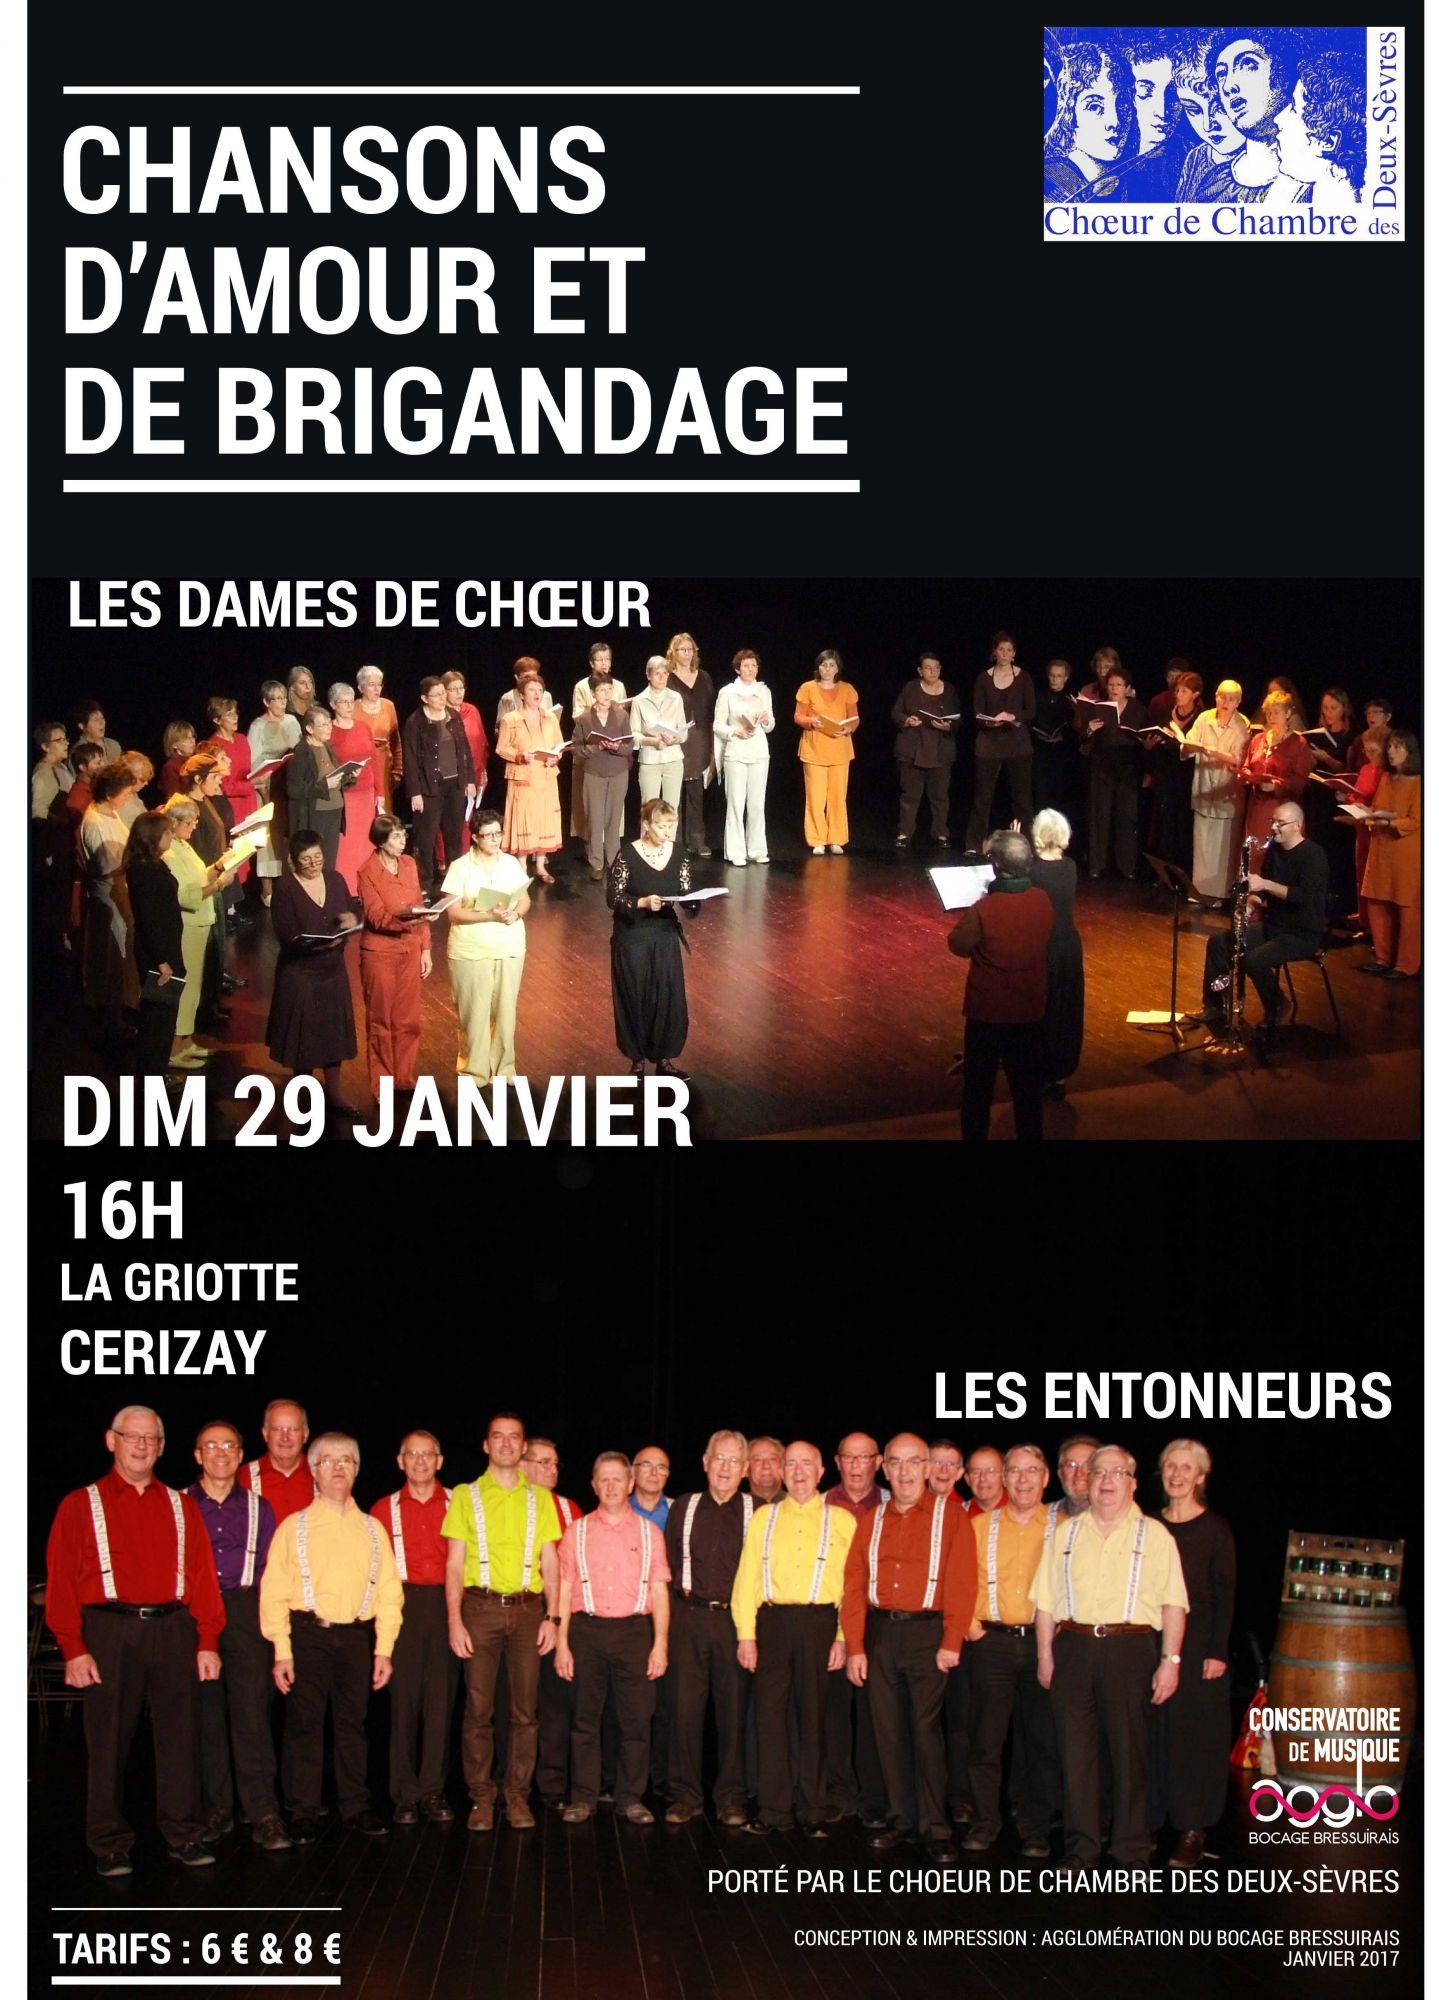 affiche_chansons-amour-brigandage